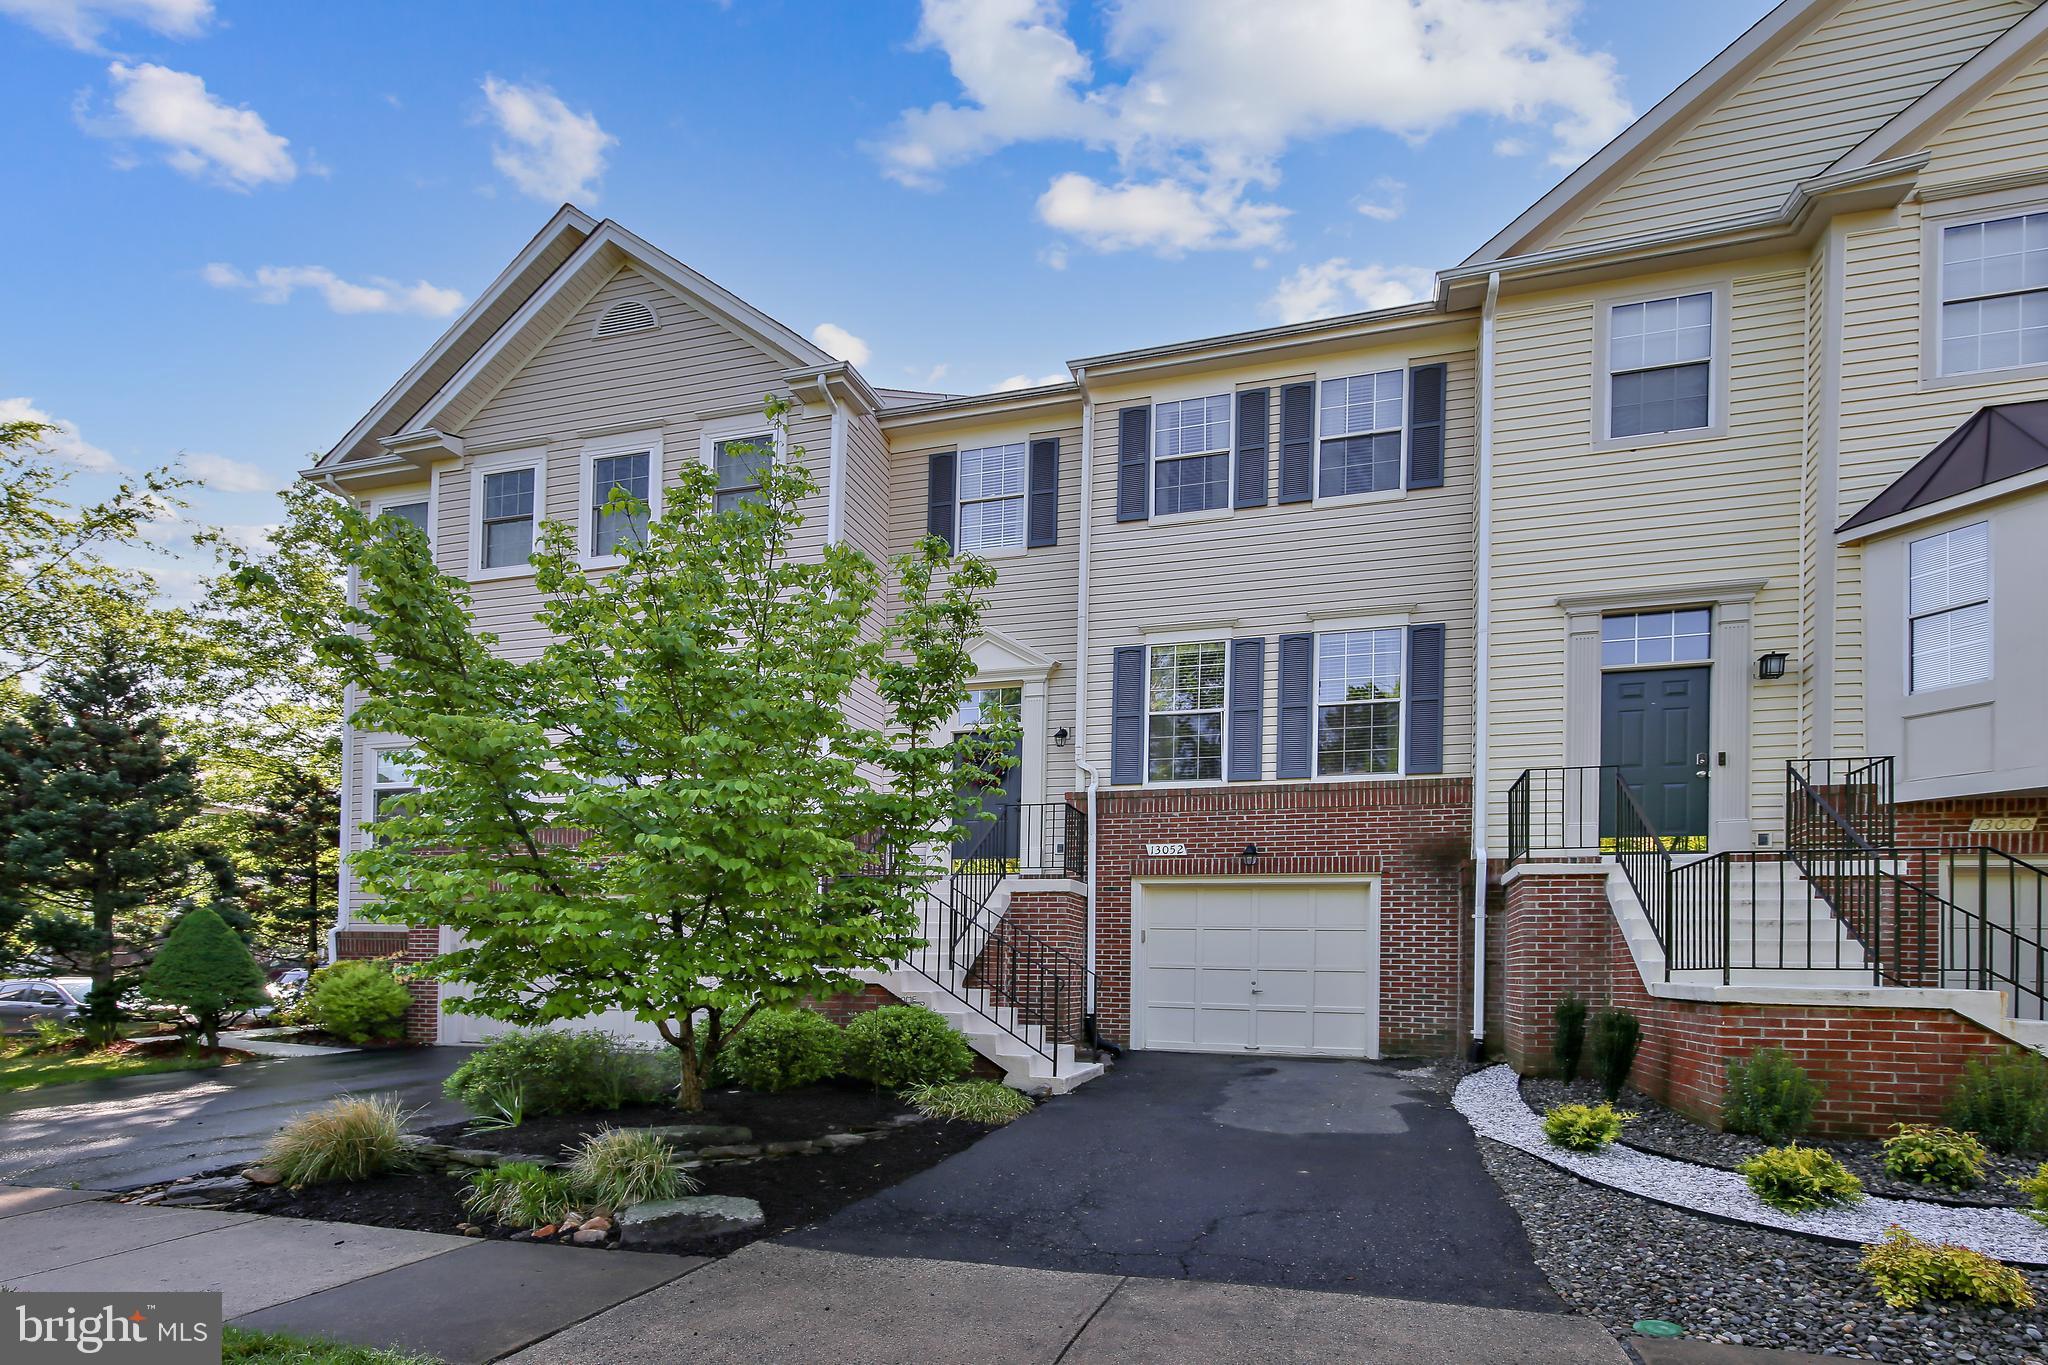 13052 Cobble Ln, Clifton, VA, 20124